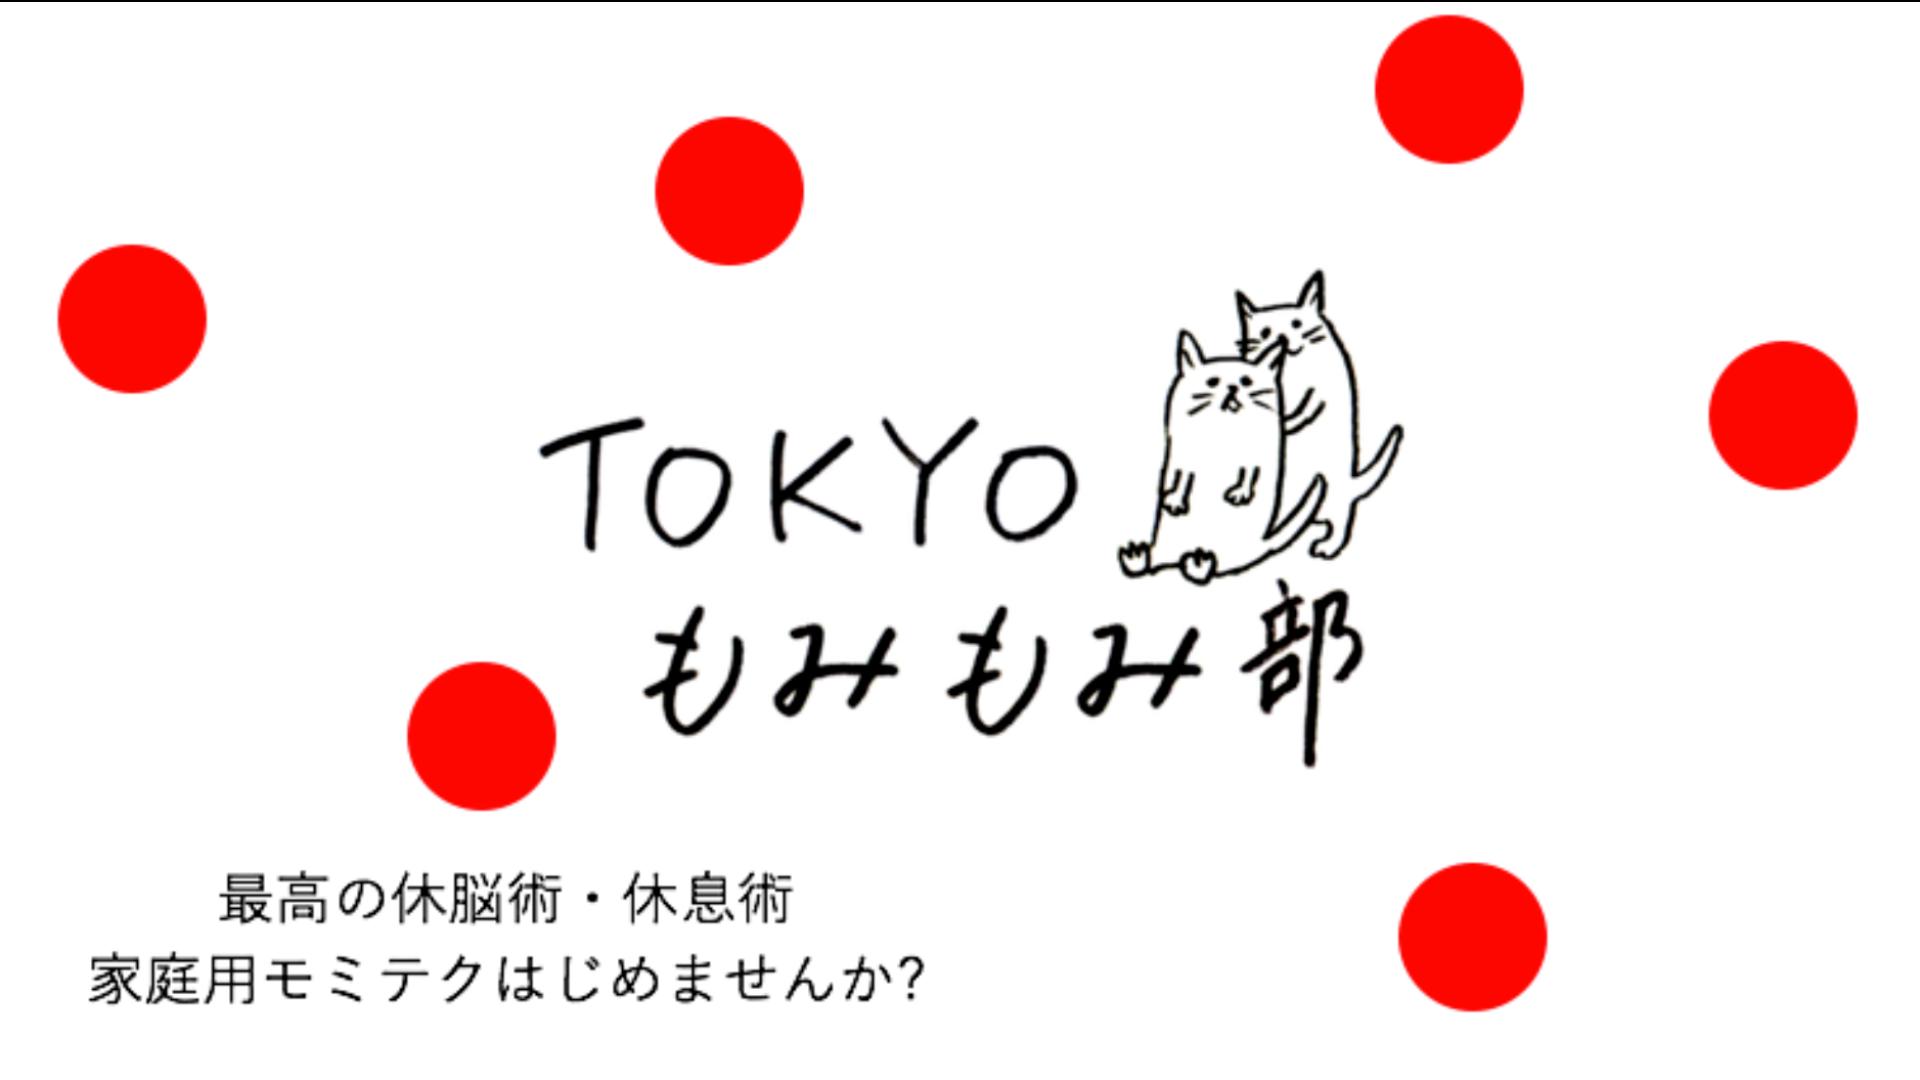 後藤手島 渚 - TOKYOもみもみ部 - DMM オンラインサロン